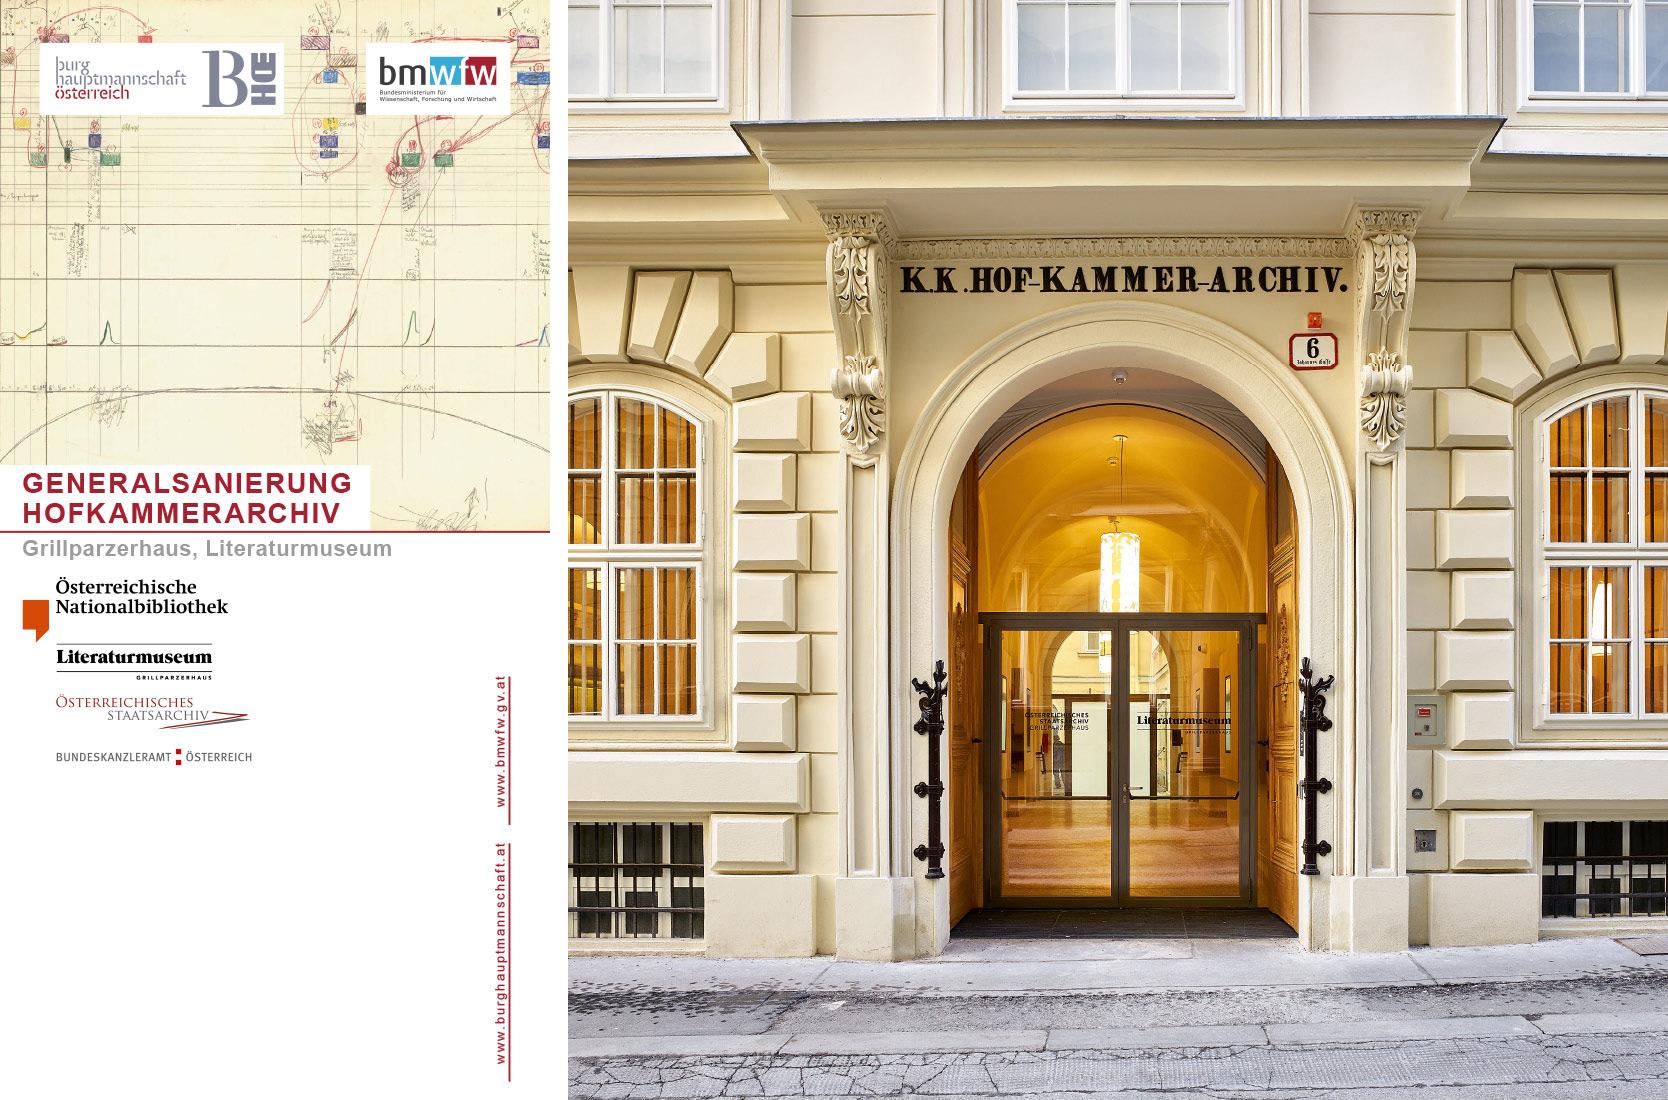 Burghauptmannschaft Österreich Folder: Hofkammerarchiv